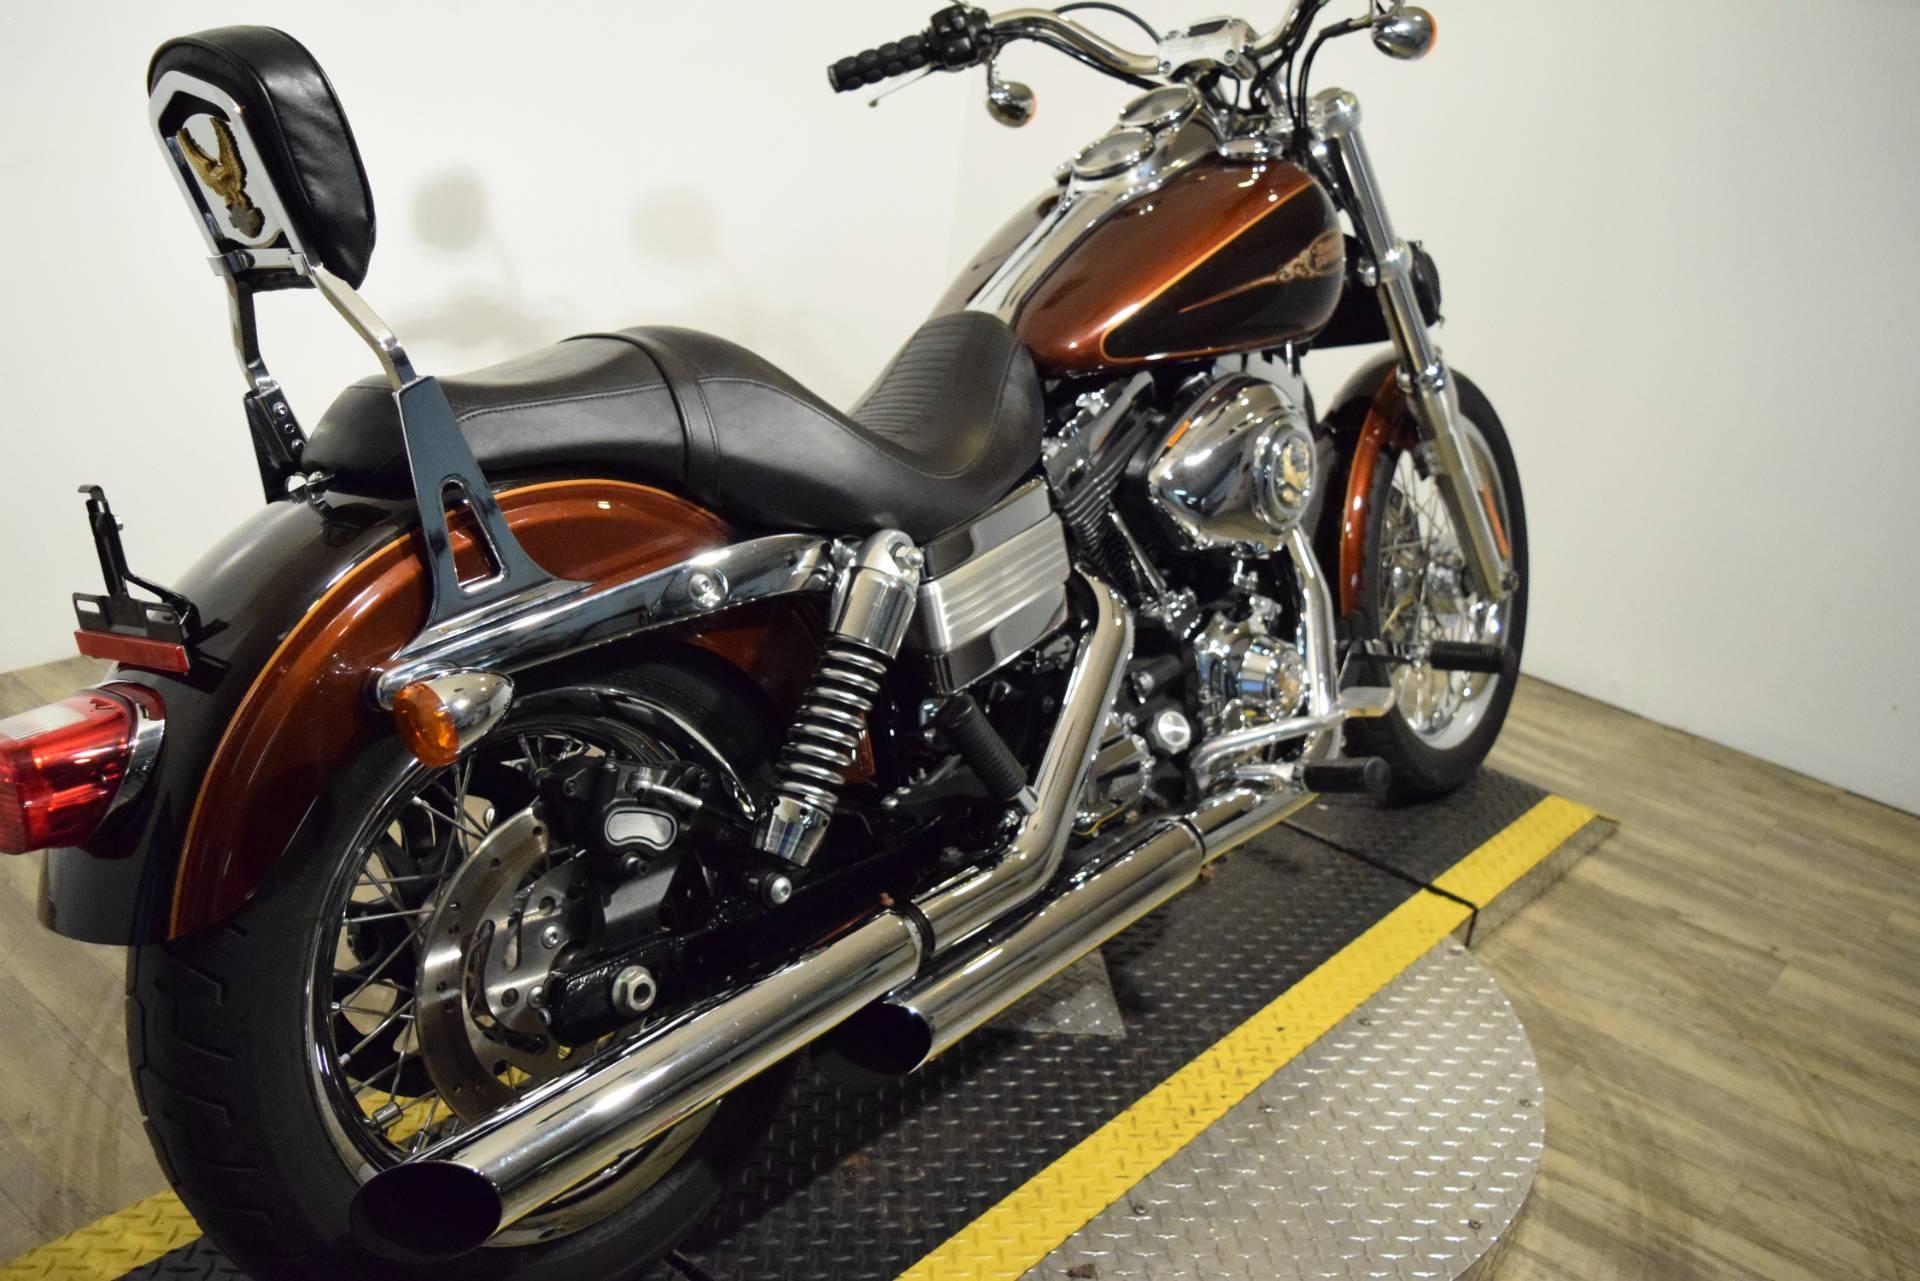 2009 Harley-Davidson Dyna Low Rider 10